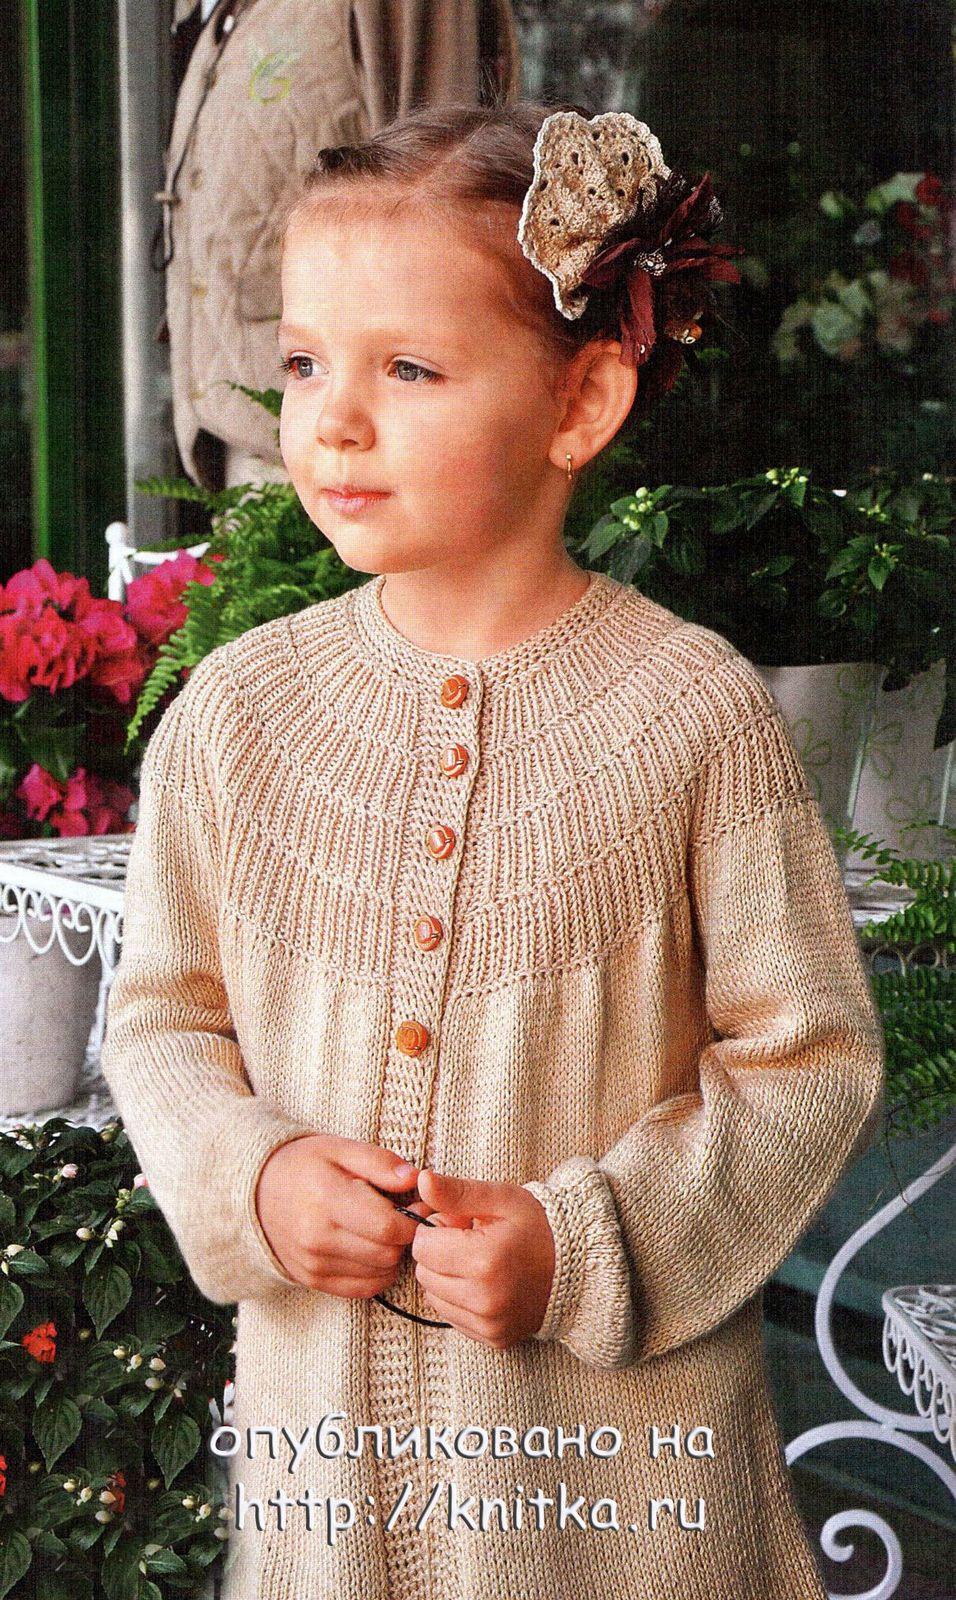 кардиган вязаный спицами для девочки, и вязанные ... крючком. вязание...